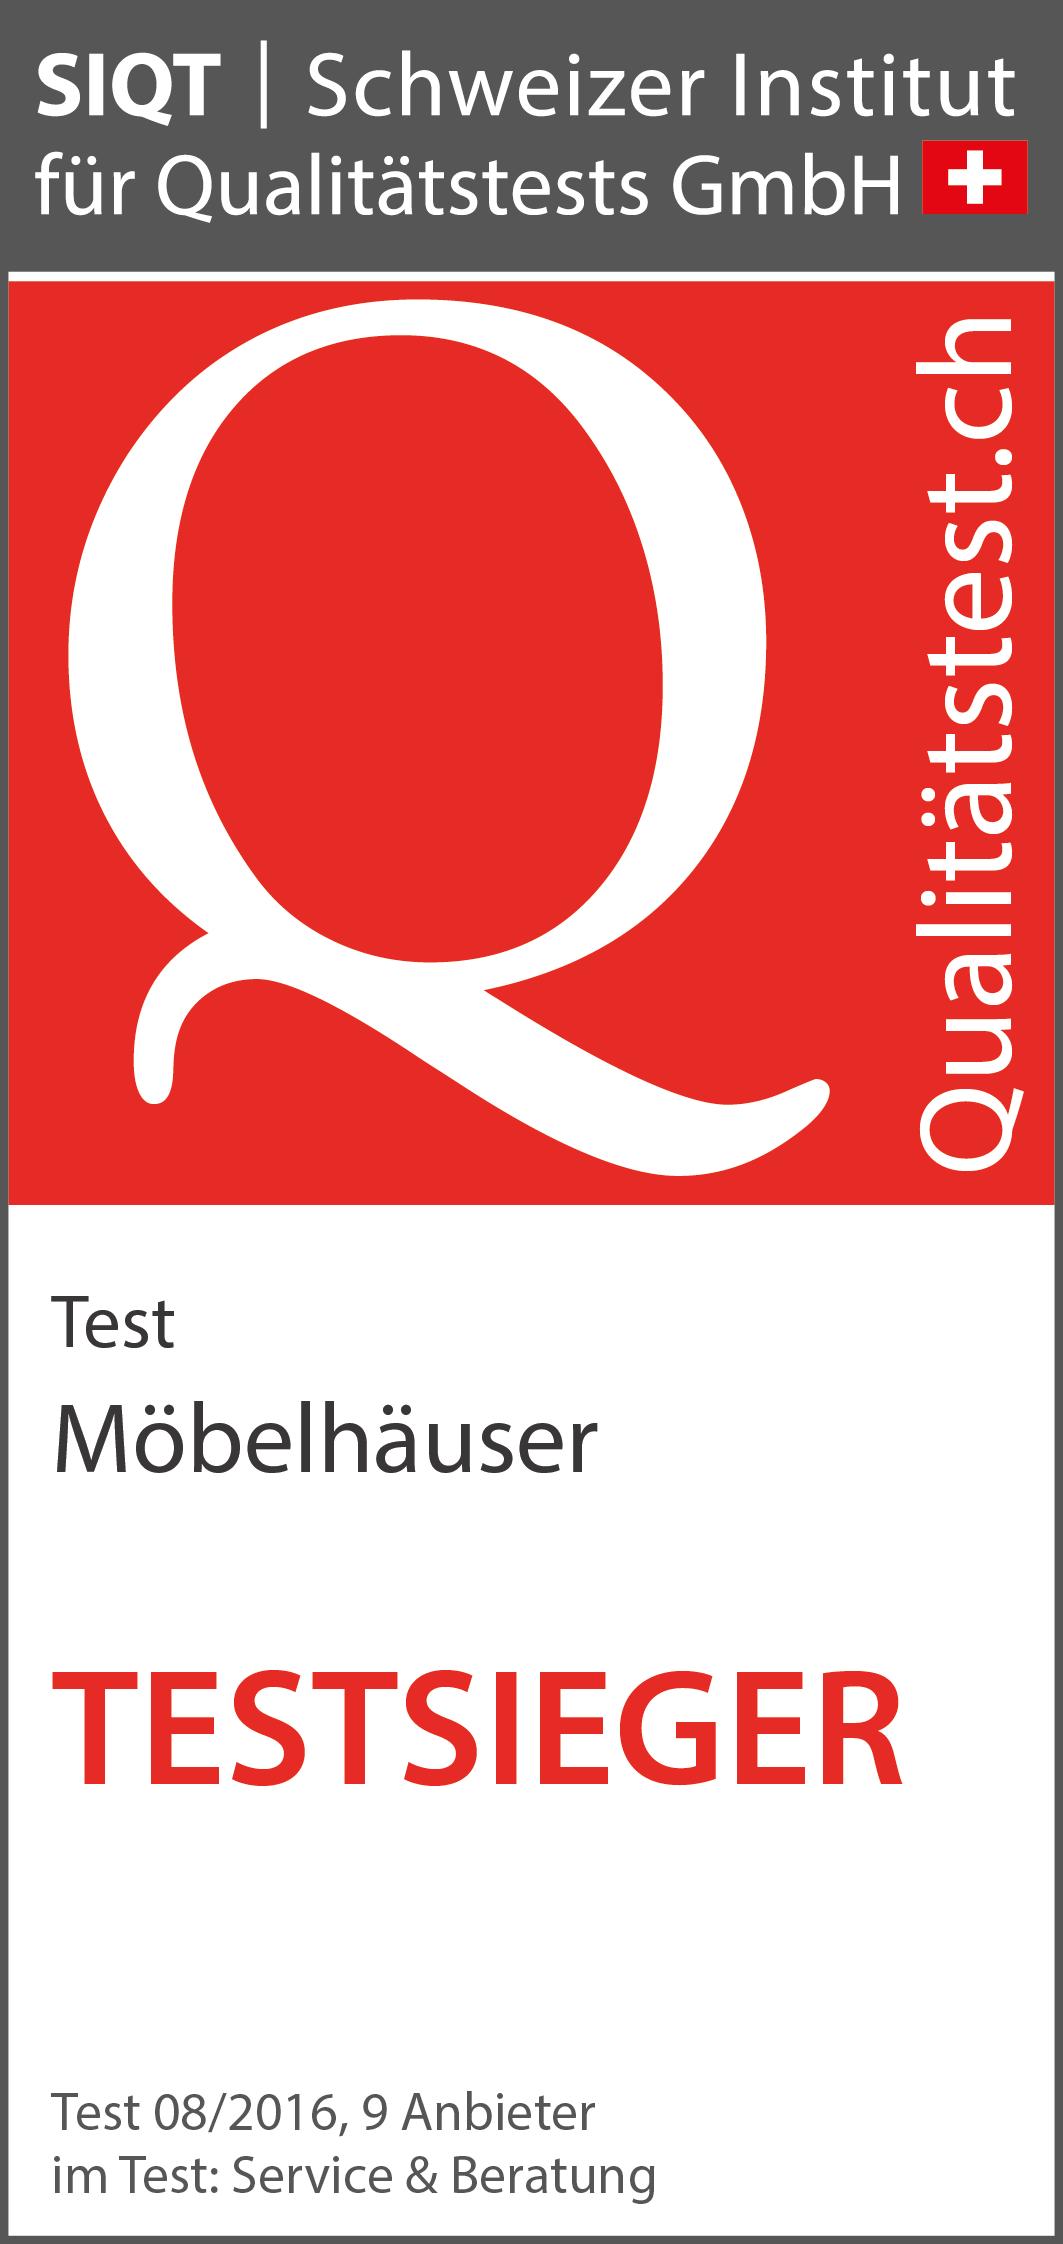 Möbelhäuser 2016 Test Von Service Beratung Siqt